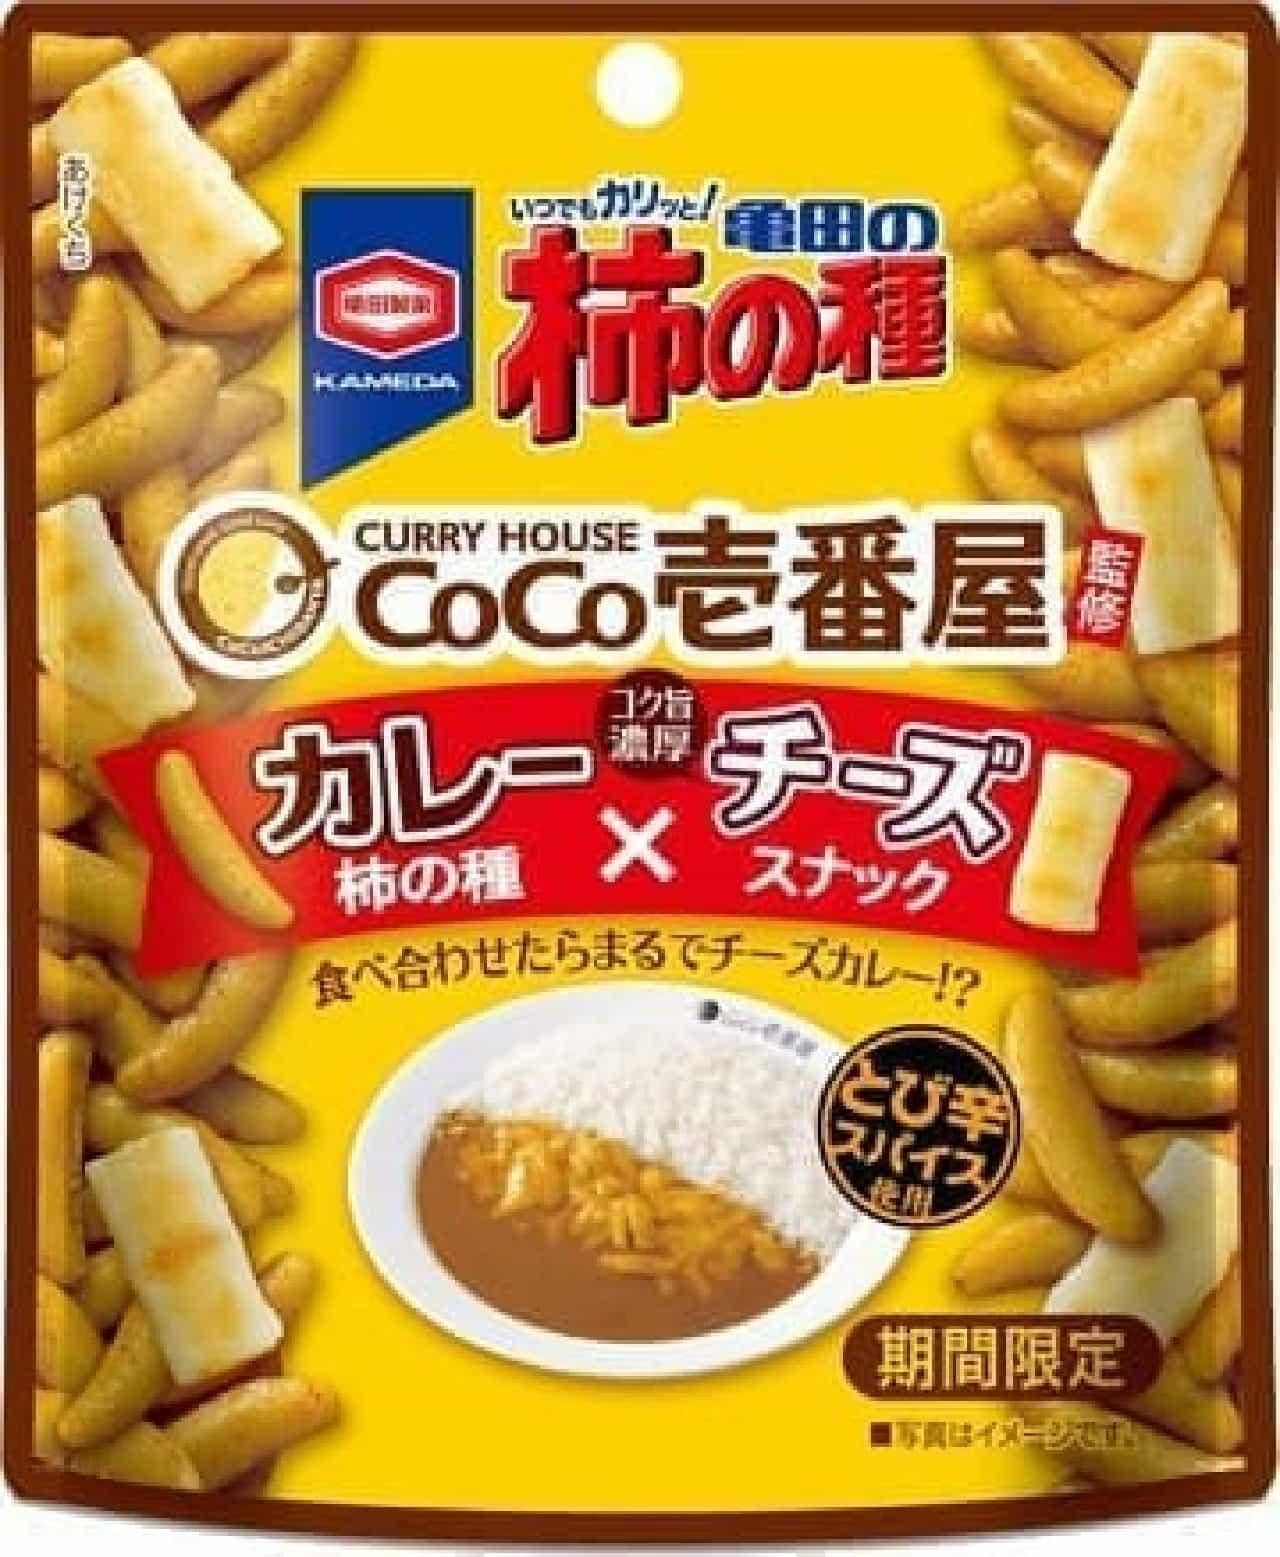 亀田製菓「亀田の柿の種 CoCo壱番屋監修カレー×チーズスナック」